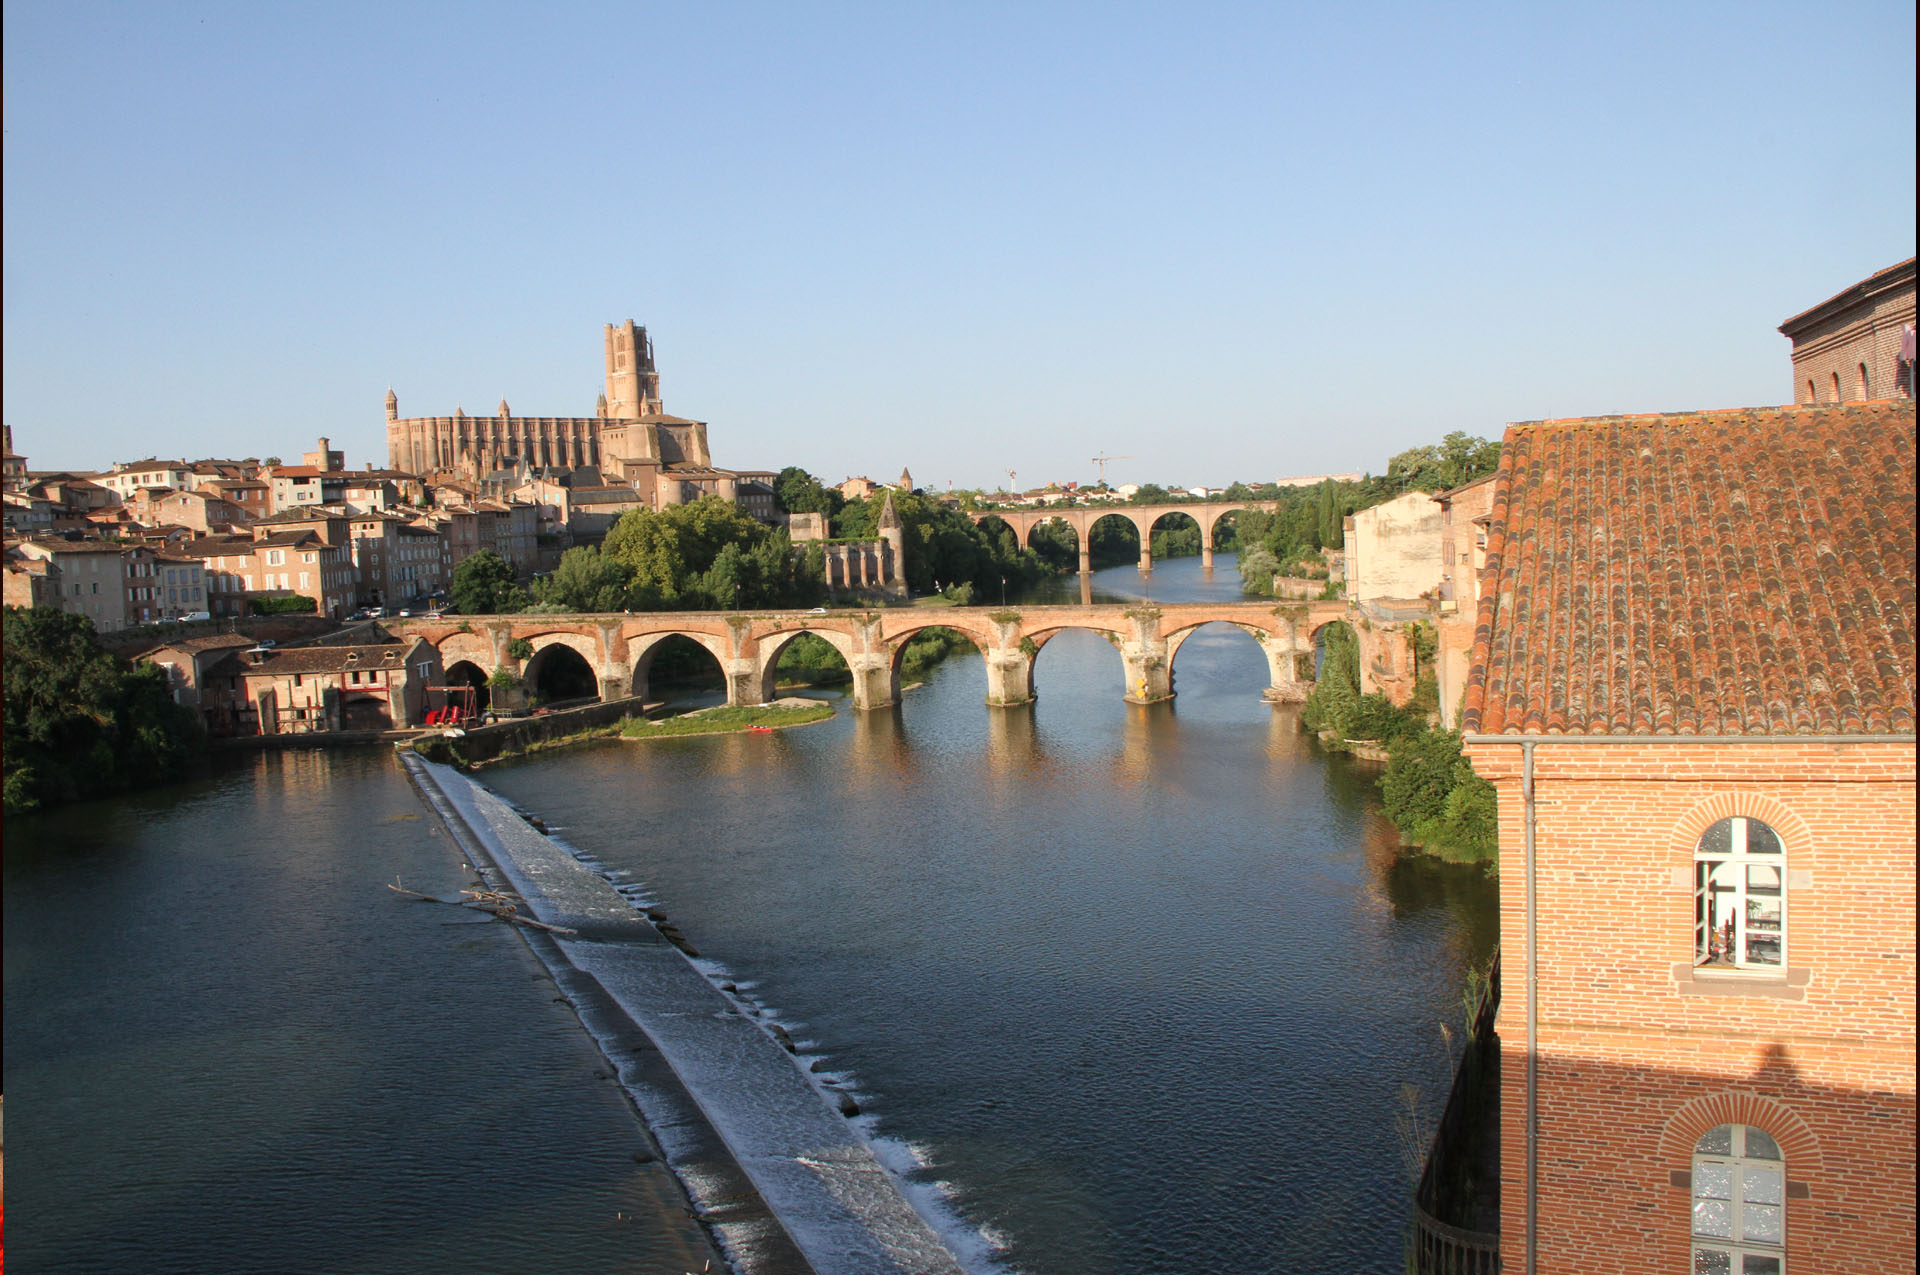 Vue du pont neuf qui enjambe le Tarn près de Famille Services à Albi avec la cathédrale dans le fond.